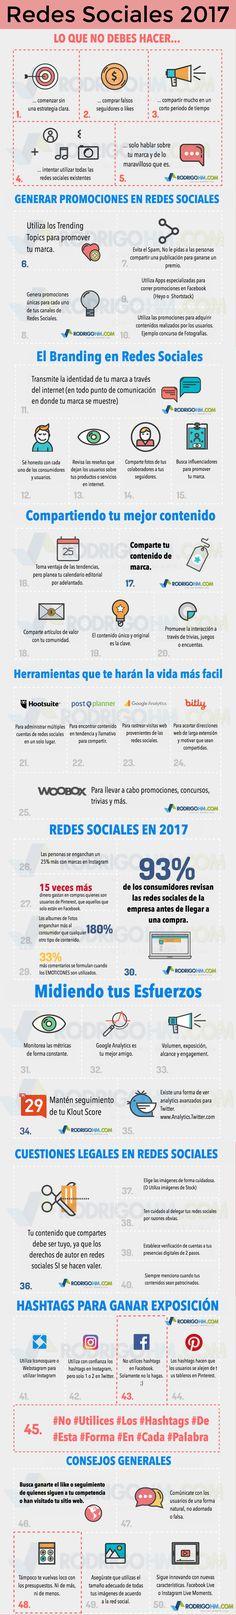 Hola: Una infografía sobre Redes Sociales 2017. Vía Un saludo